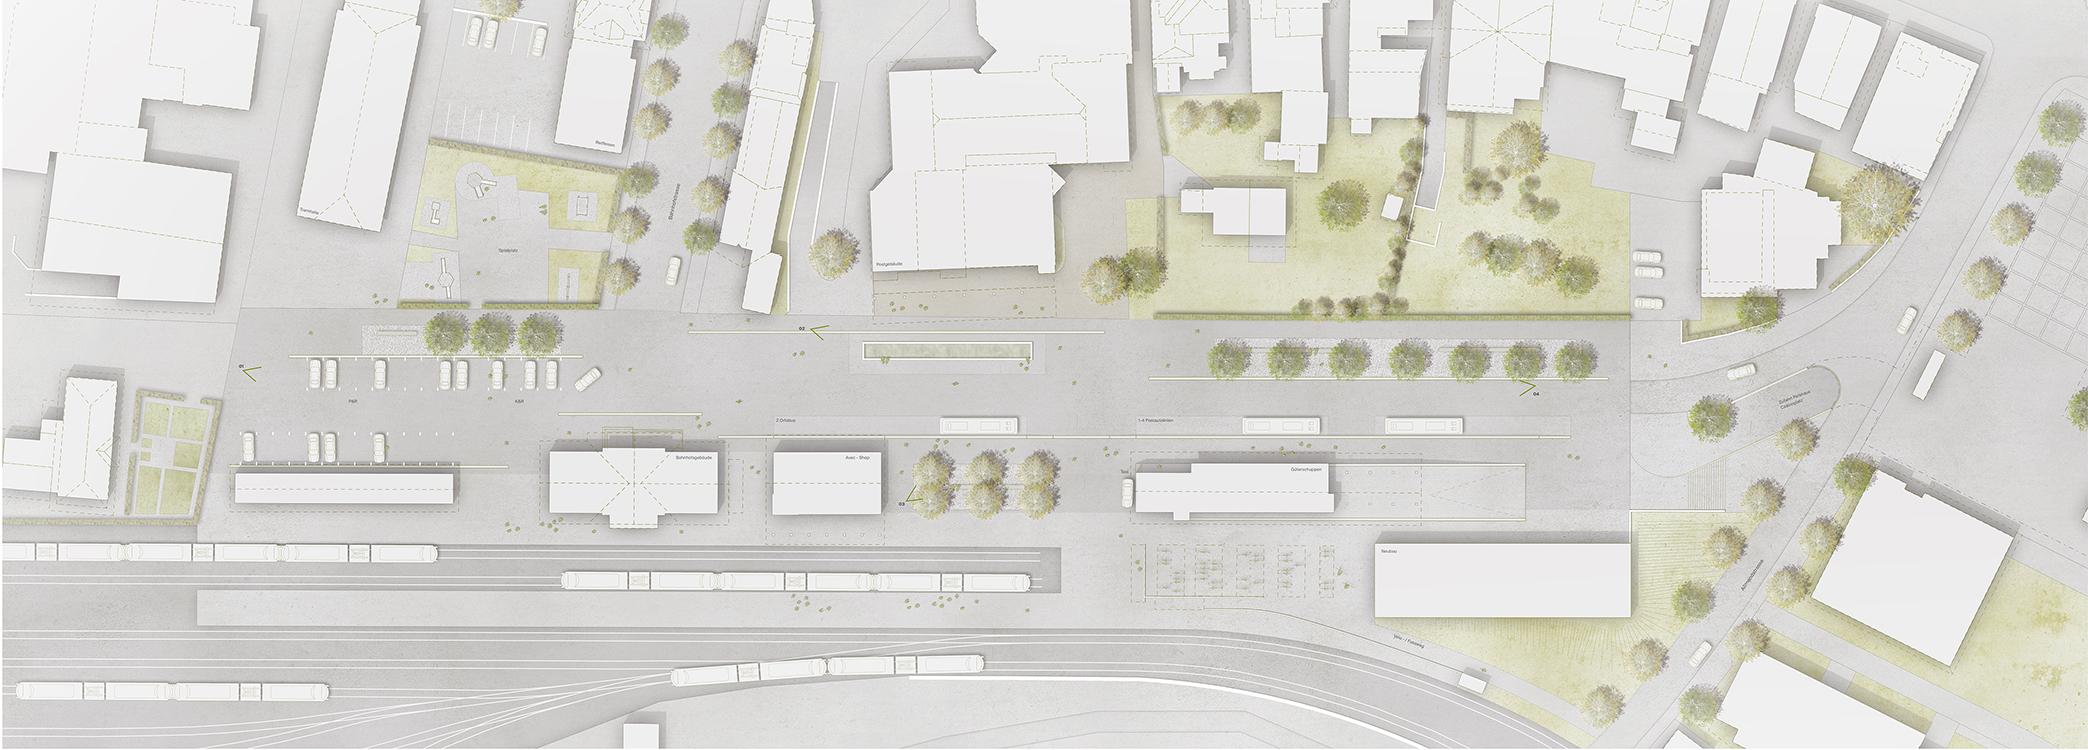 Ideenstudie Entwicklung Bahnhofplatz Meiringen, 2016